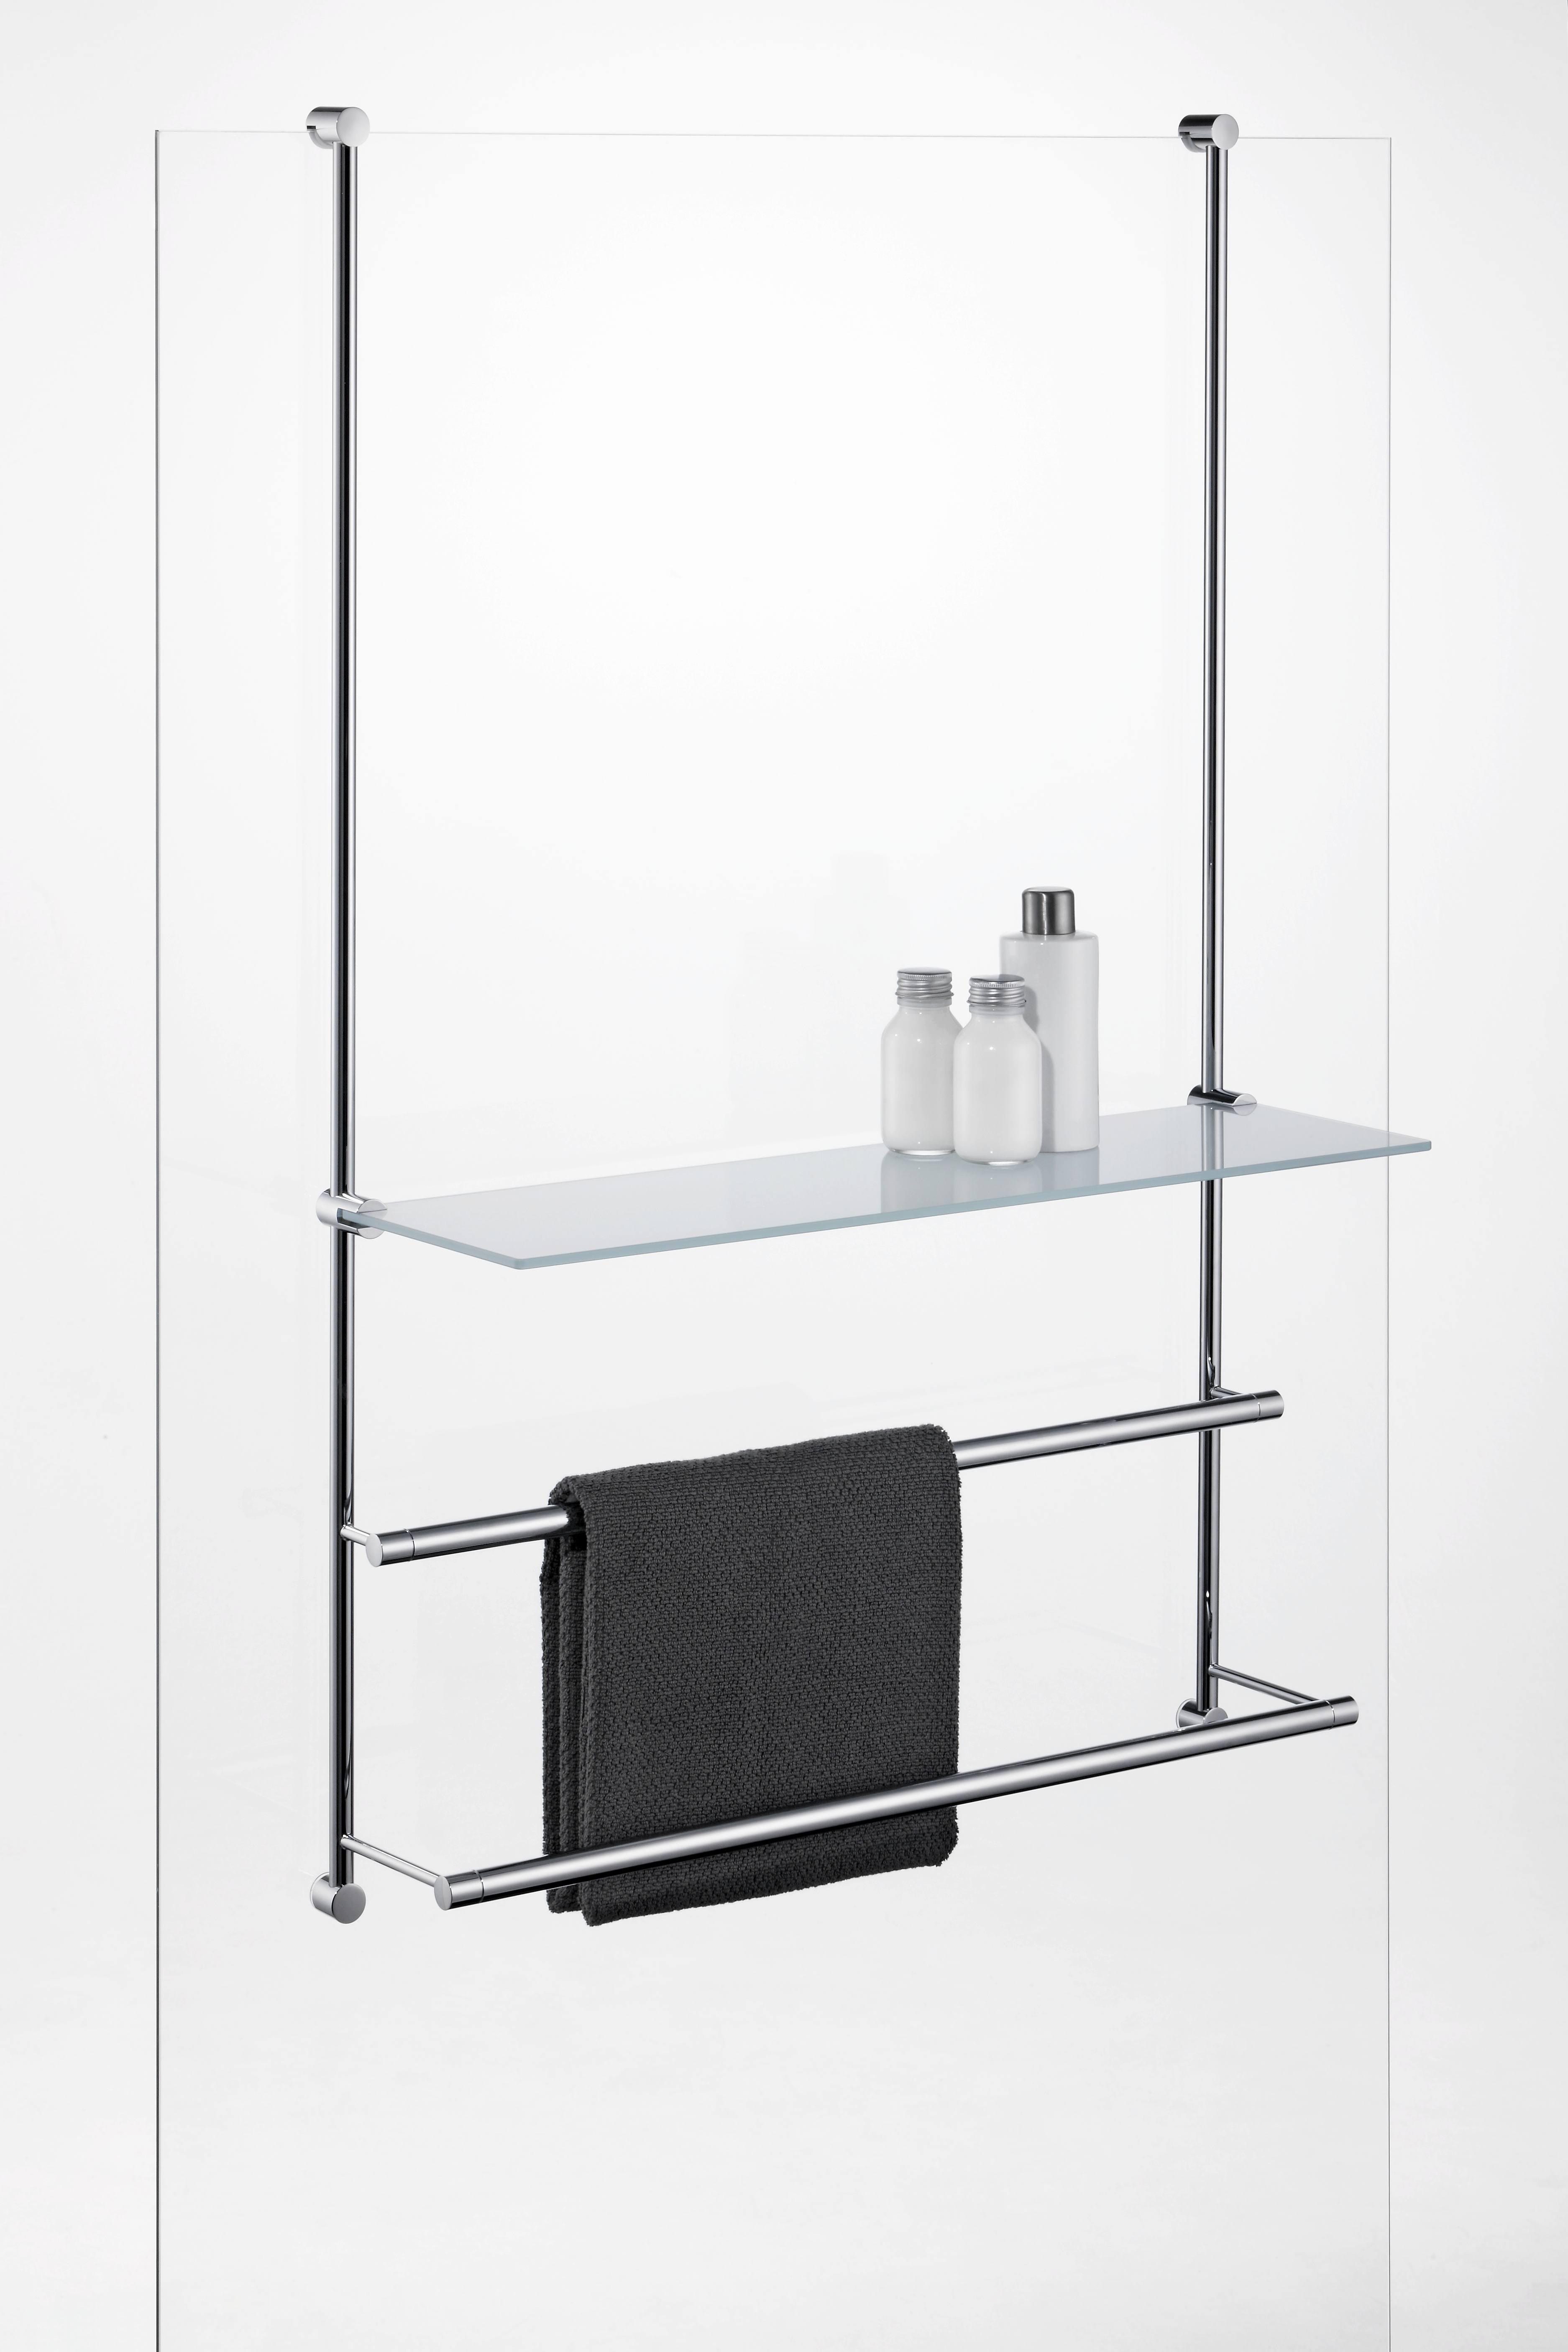 giese server duschwandmodell mit glasplatte 30846 02. Black Bedroom Furniture Sets. Home Design Ideas